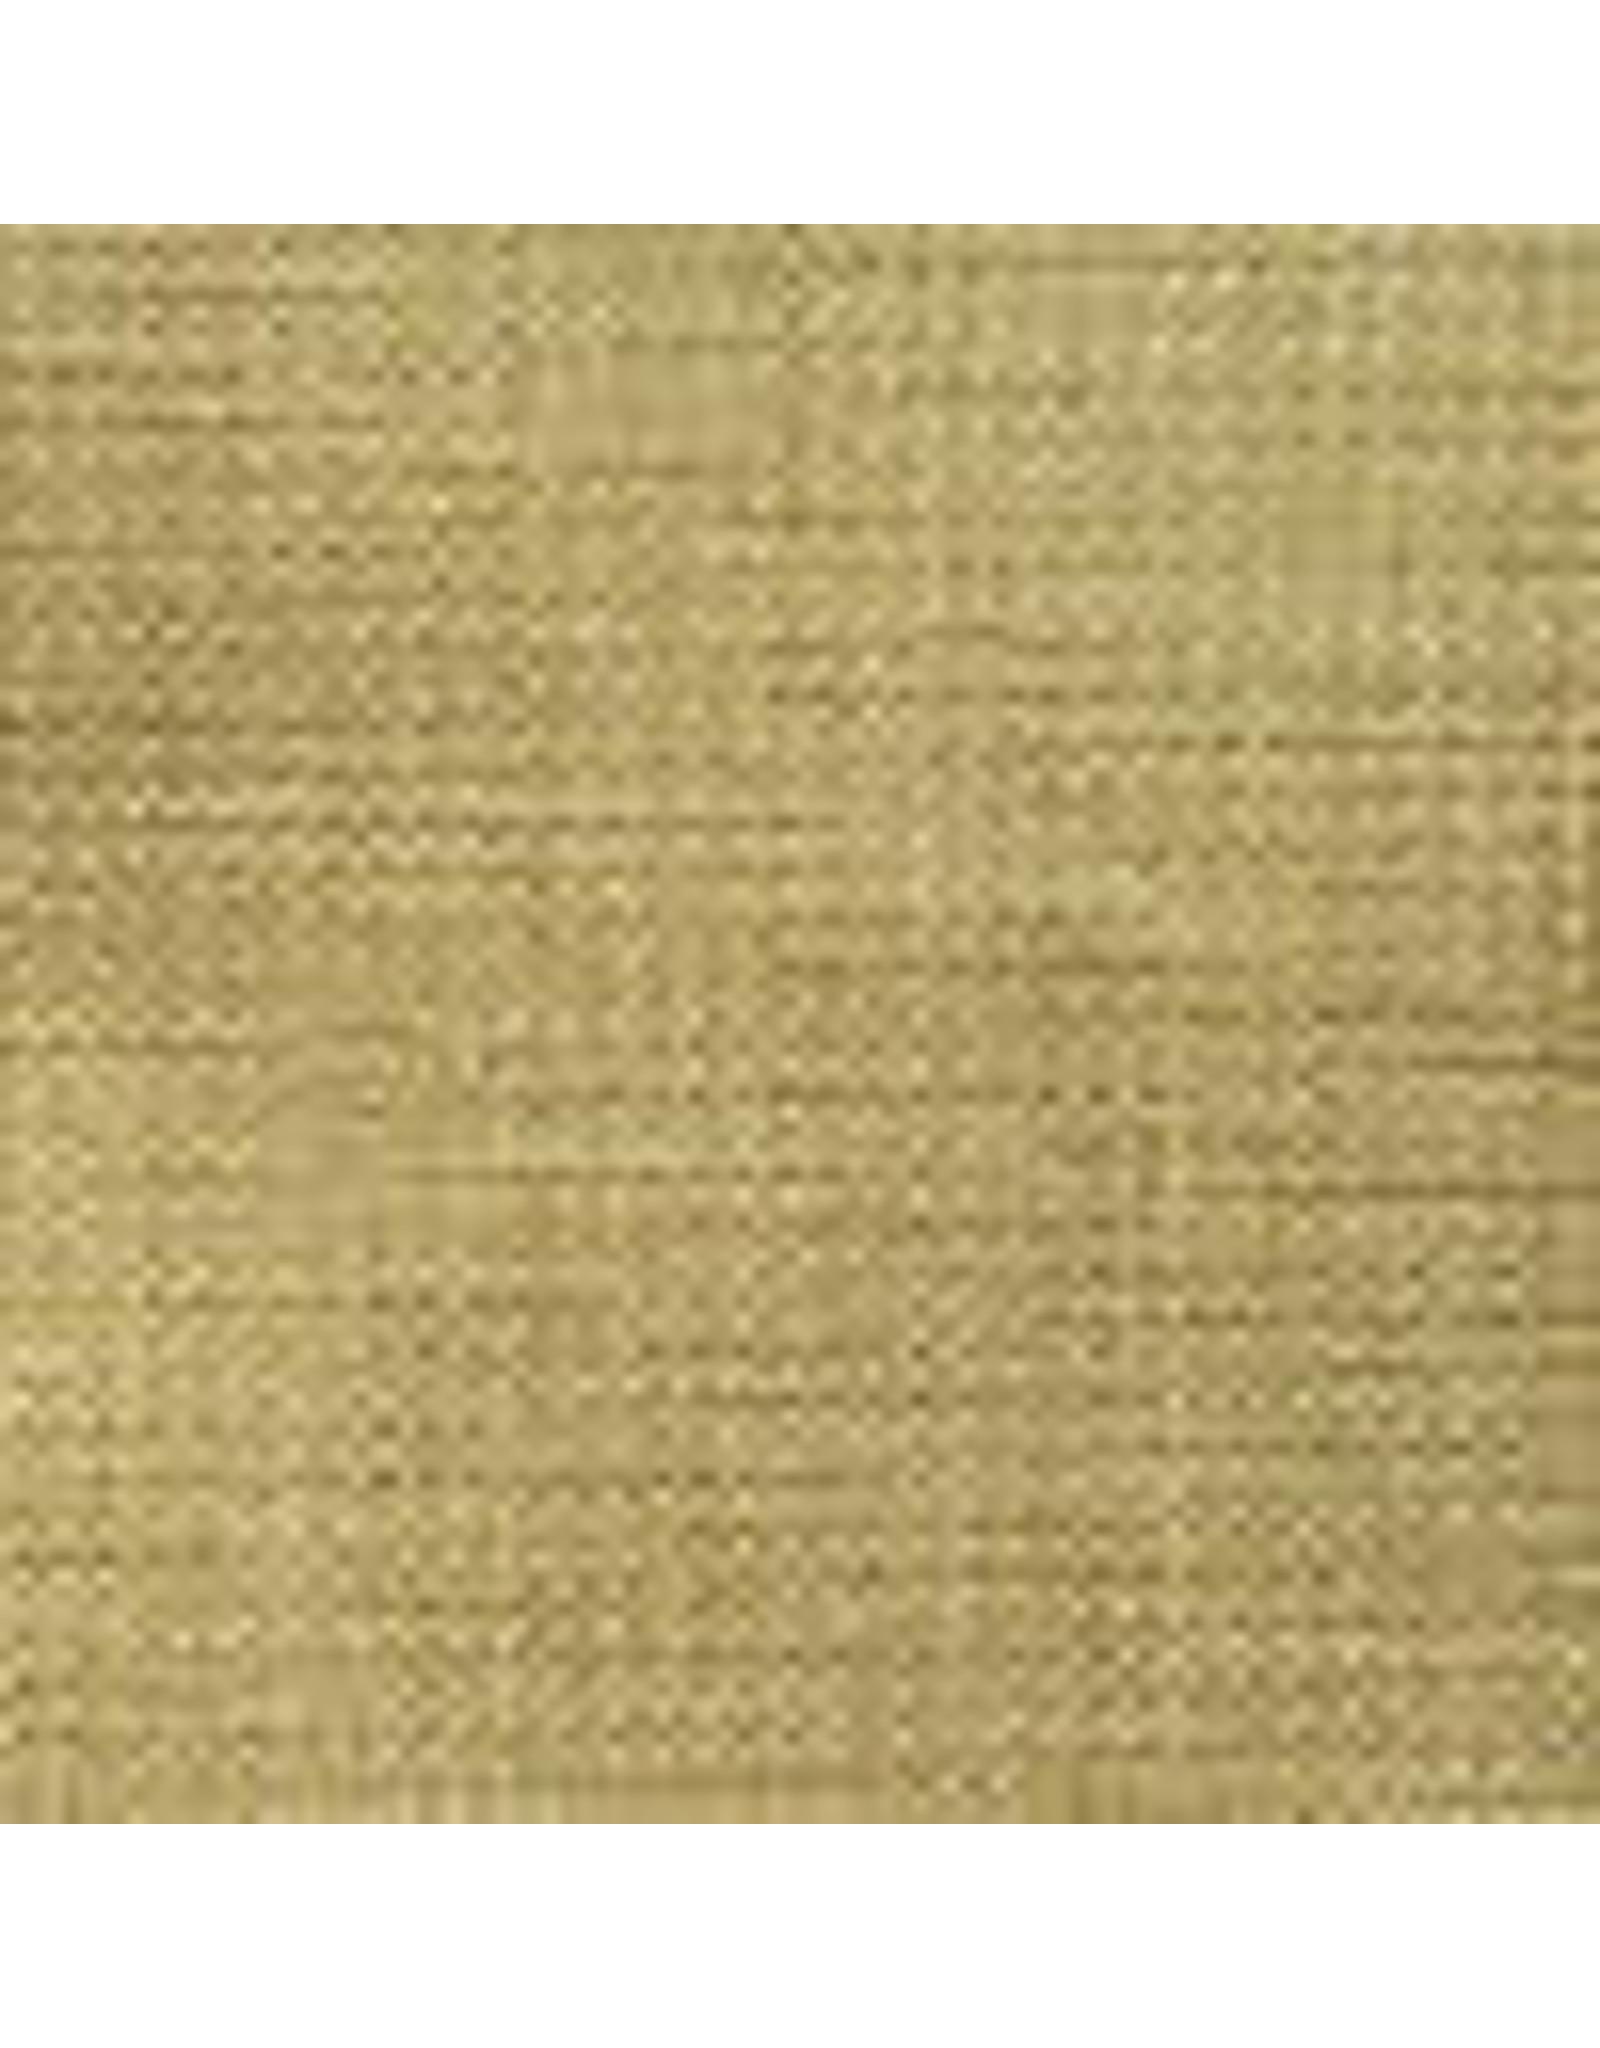 Yd. Solid Tan Fabric #900